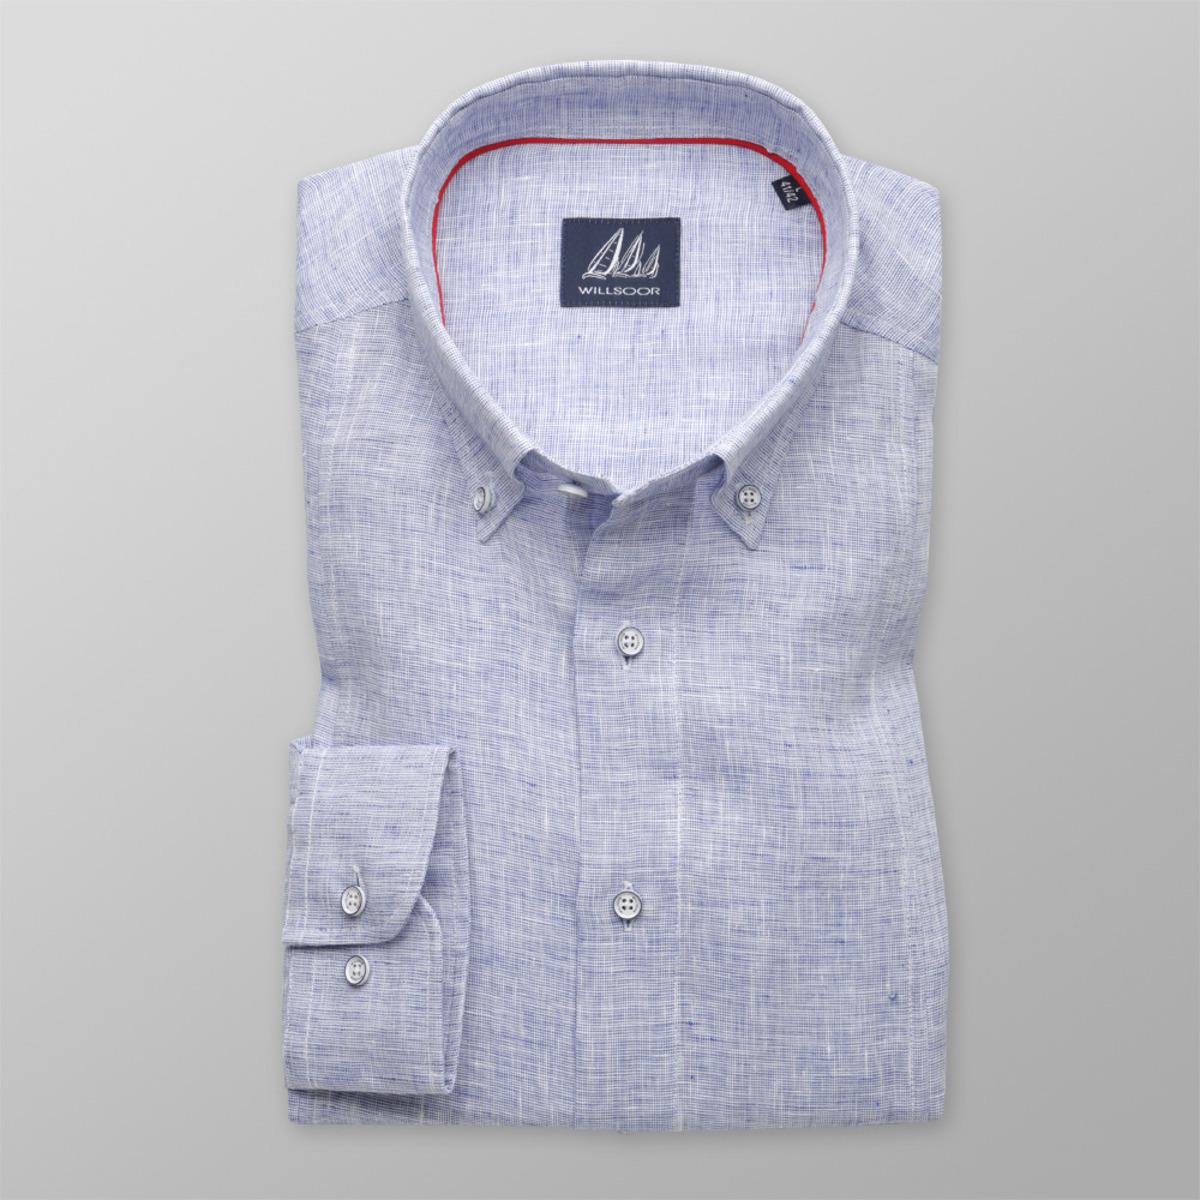 0b010db2f79 Košile Classic (všechny výšky) 9492 188-194   L (41 42